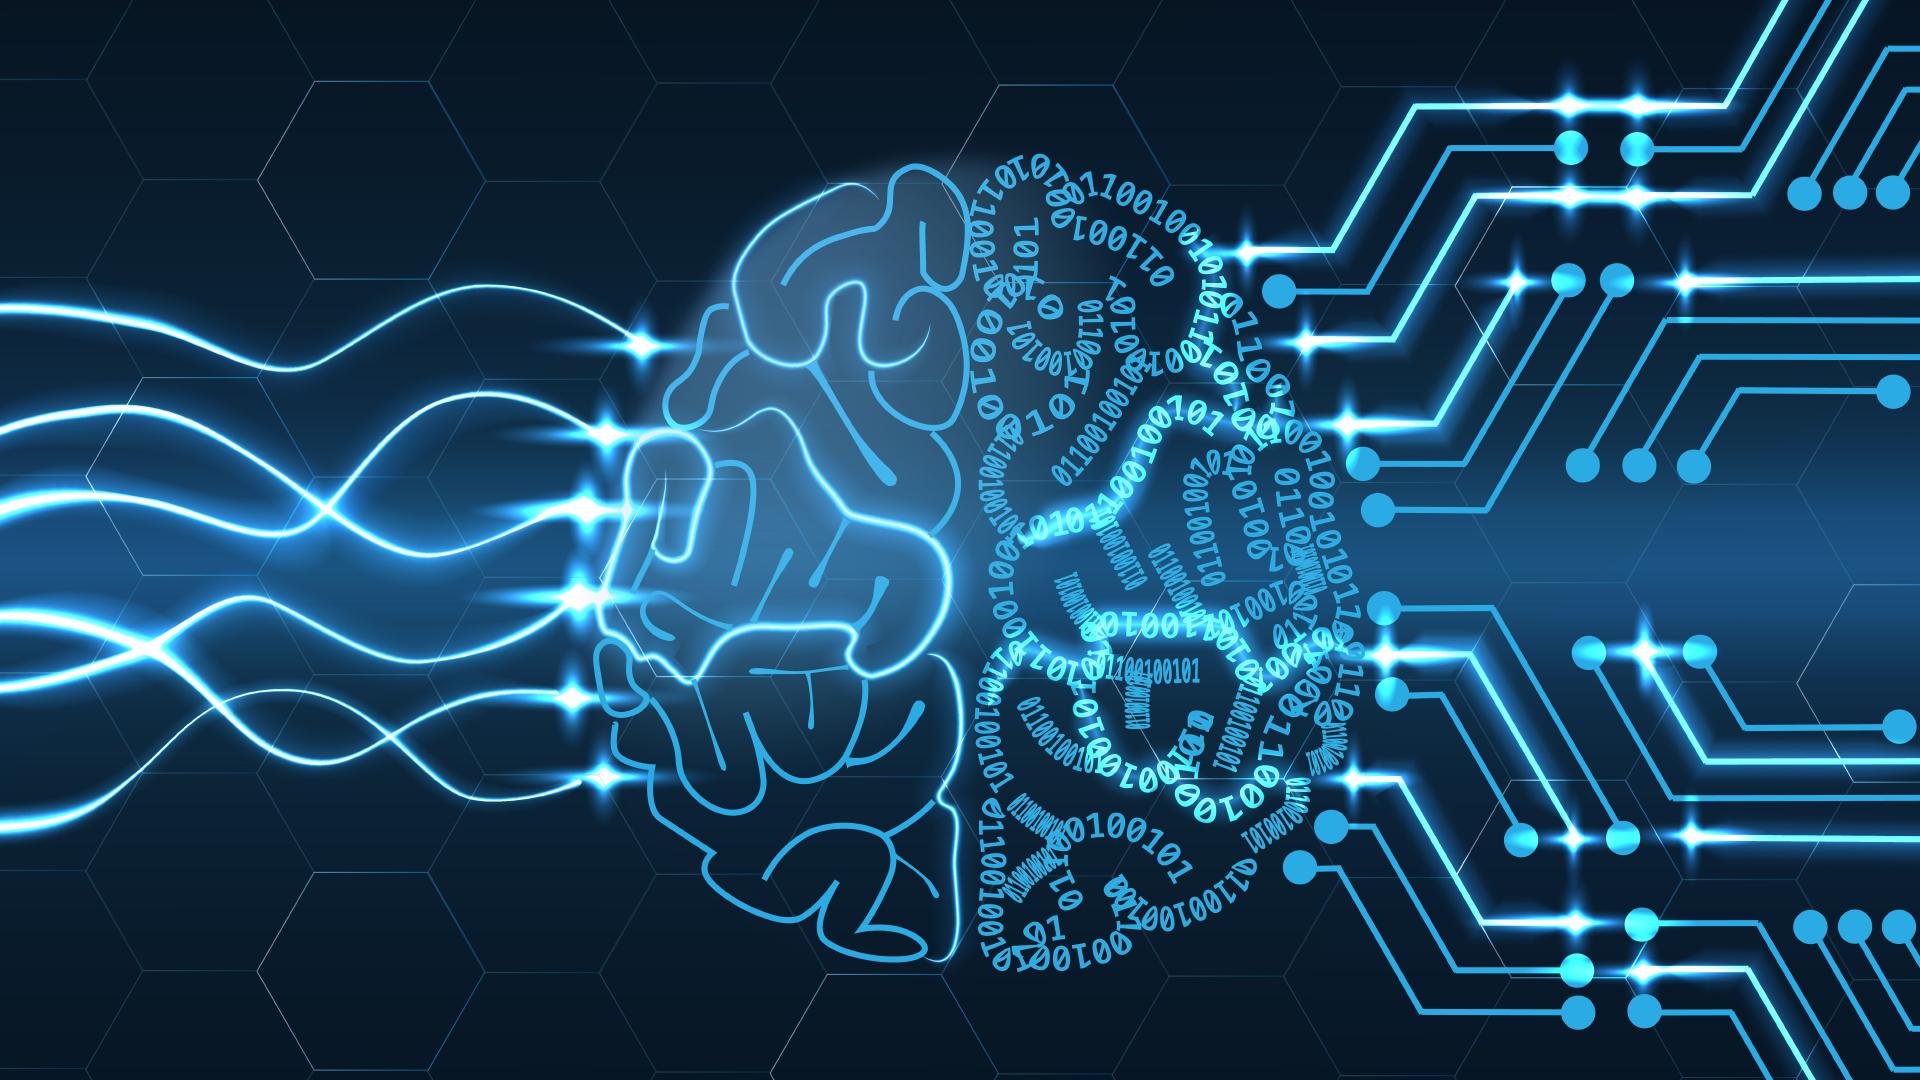 O deep learning, aprendizado de máquina que treina inteligências artificiais na automatização de tarefas, é um dos focos dos cursos samsung ocean em maio